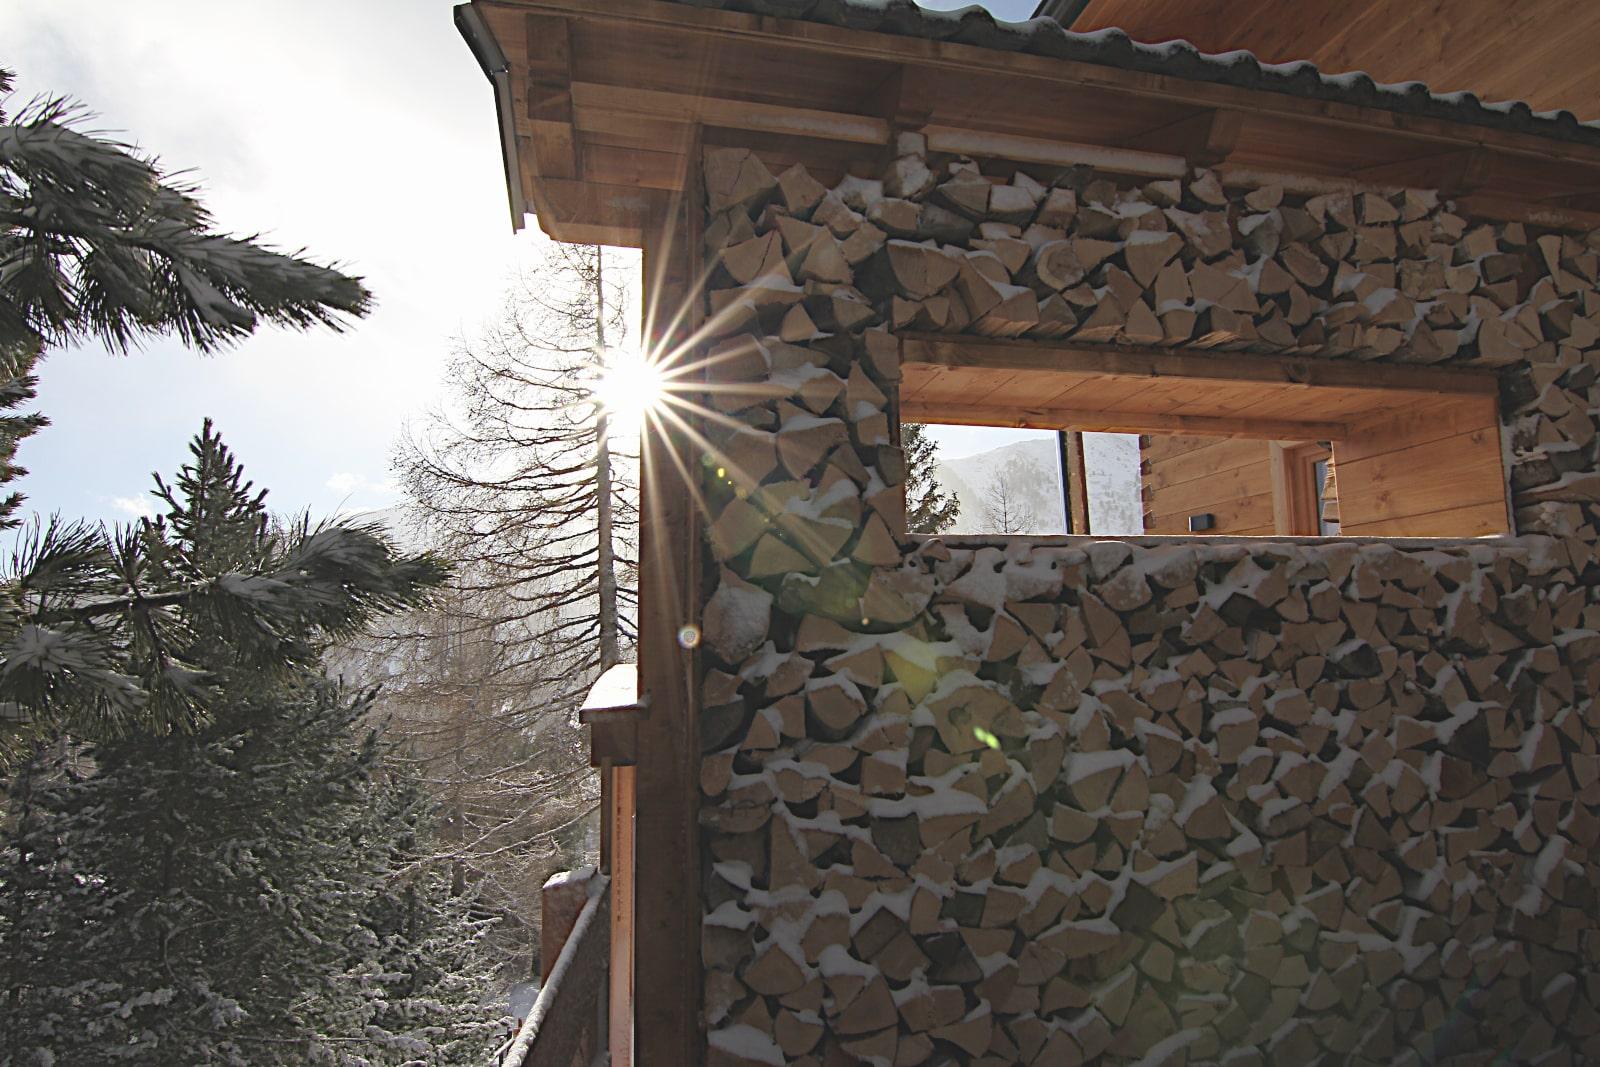 Heidi-Chalet-Falkert-Heidialm-Almsommer-Winter-Holzlager